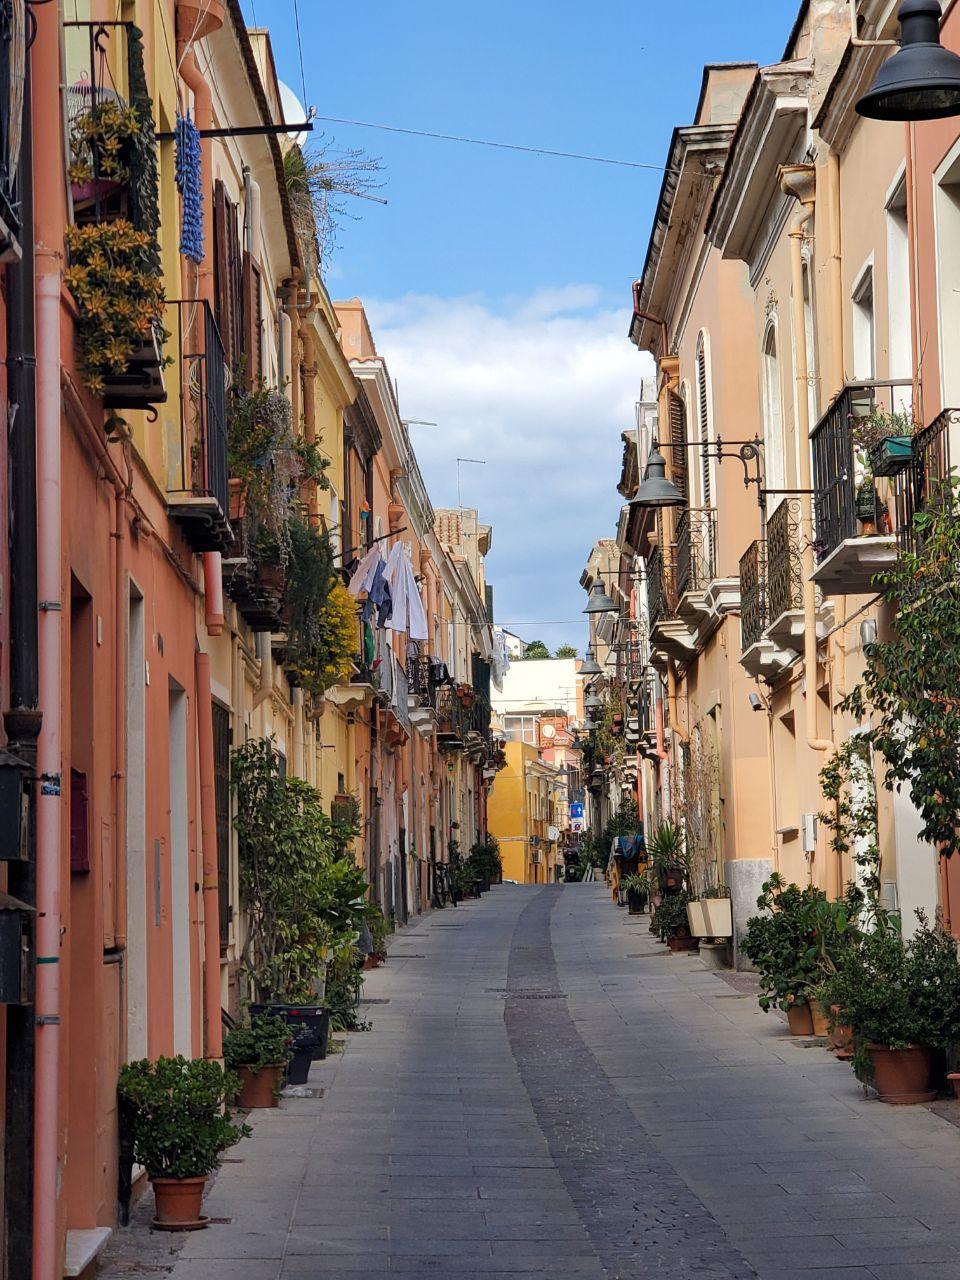 Este viernes 20 de marzo de 2020, Italia registró un nuevo récord en la cifra de fallecidos con un total de 627 en 24 horas. Los ciudadanos de Cagliari permanecen en cuarentena (Foto: Miguel Ángel Montero).